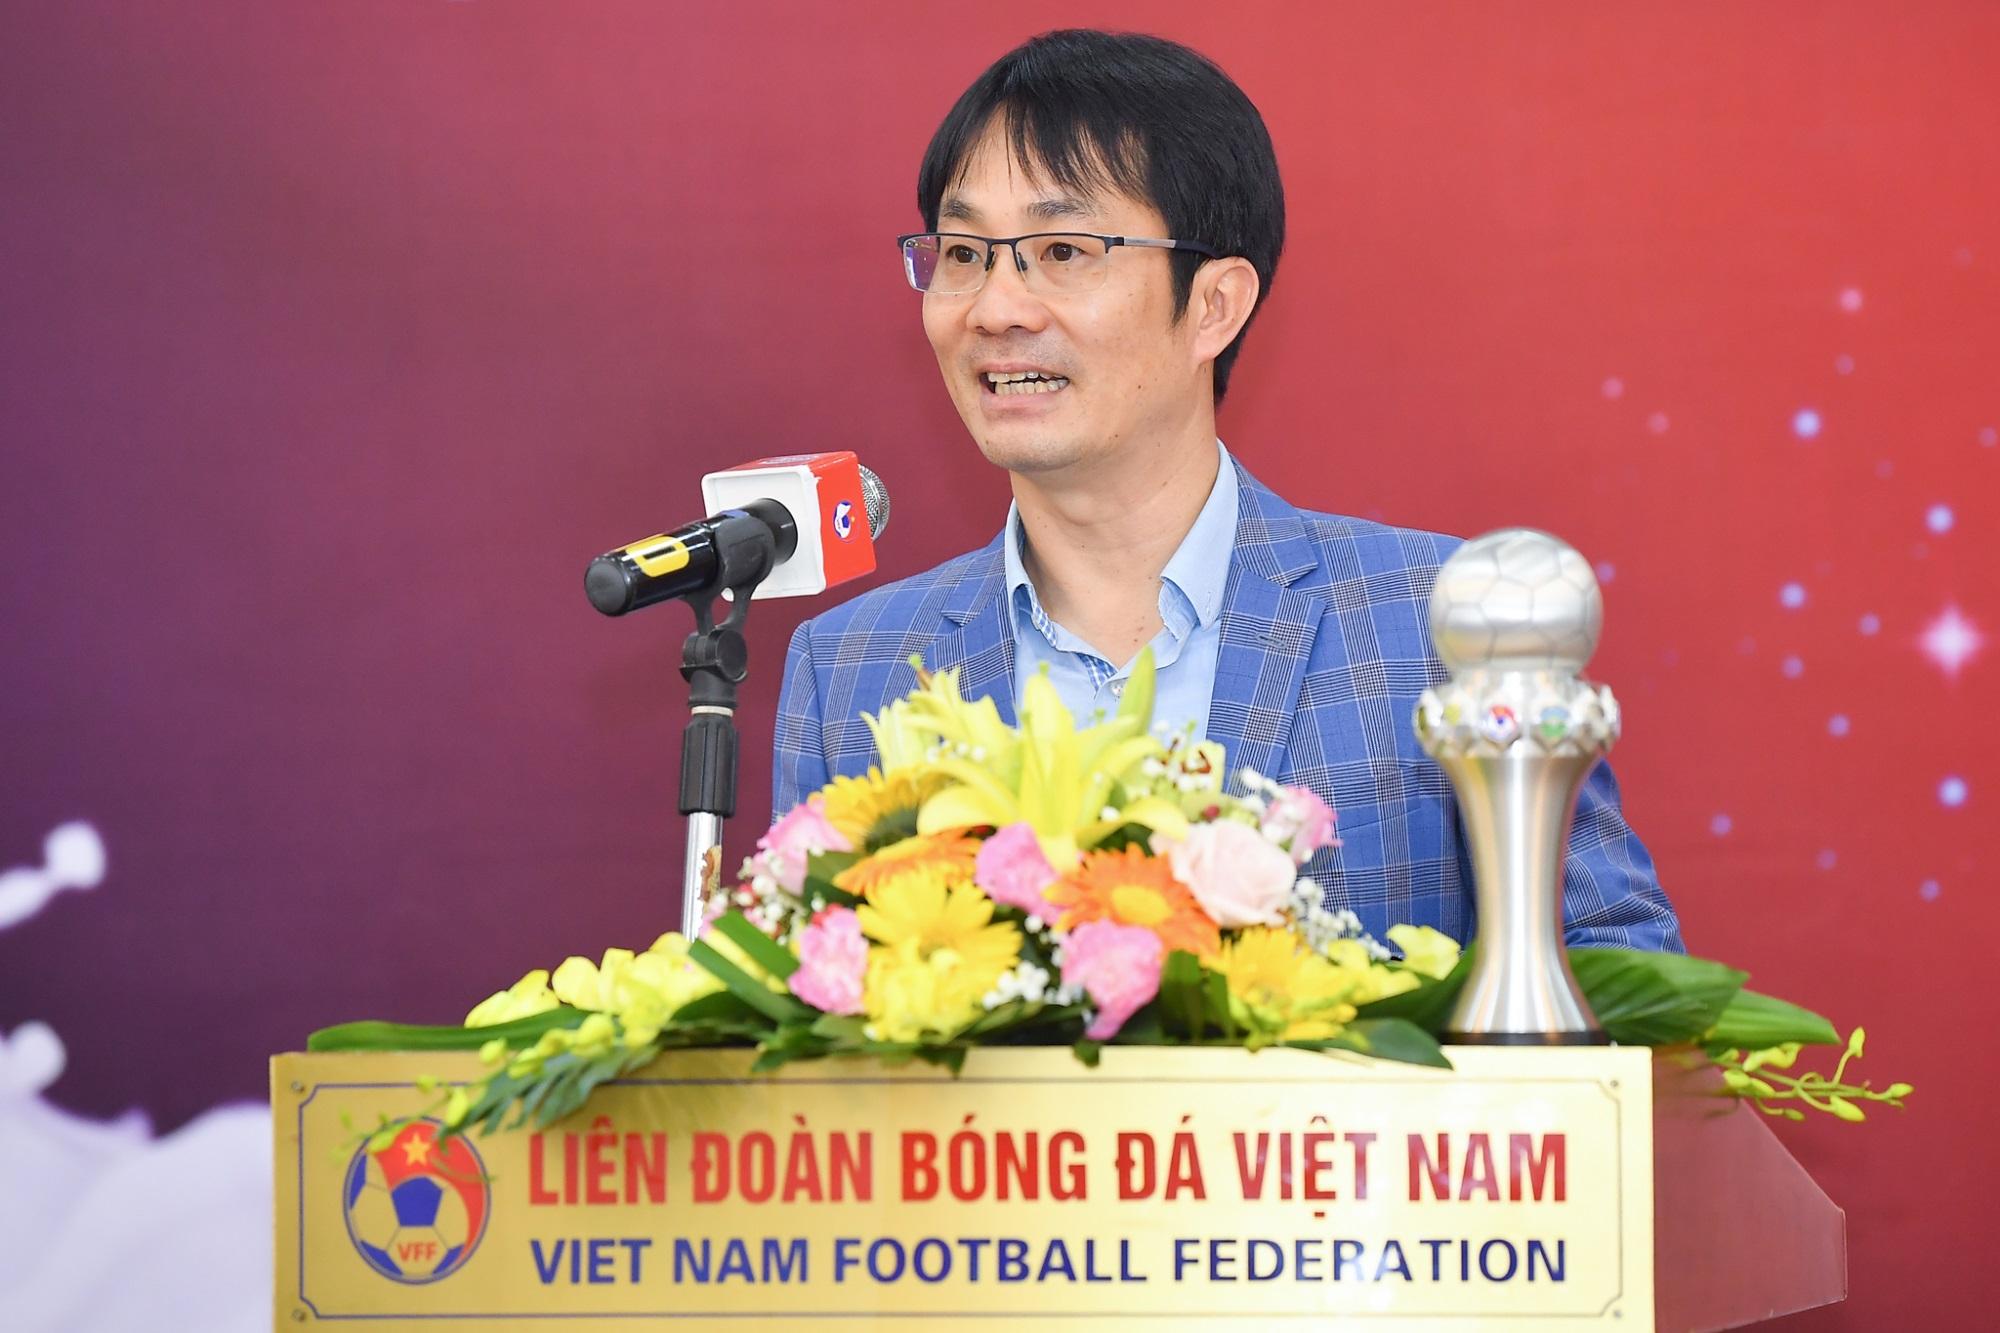 Vinamilk trao thưởng chúc mừng đội tuyển bóng đá nữ quốc gia vô địch Đông Nam Á 2019 - Ảnh 6